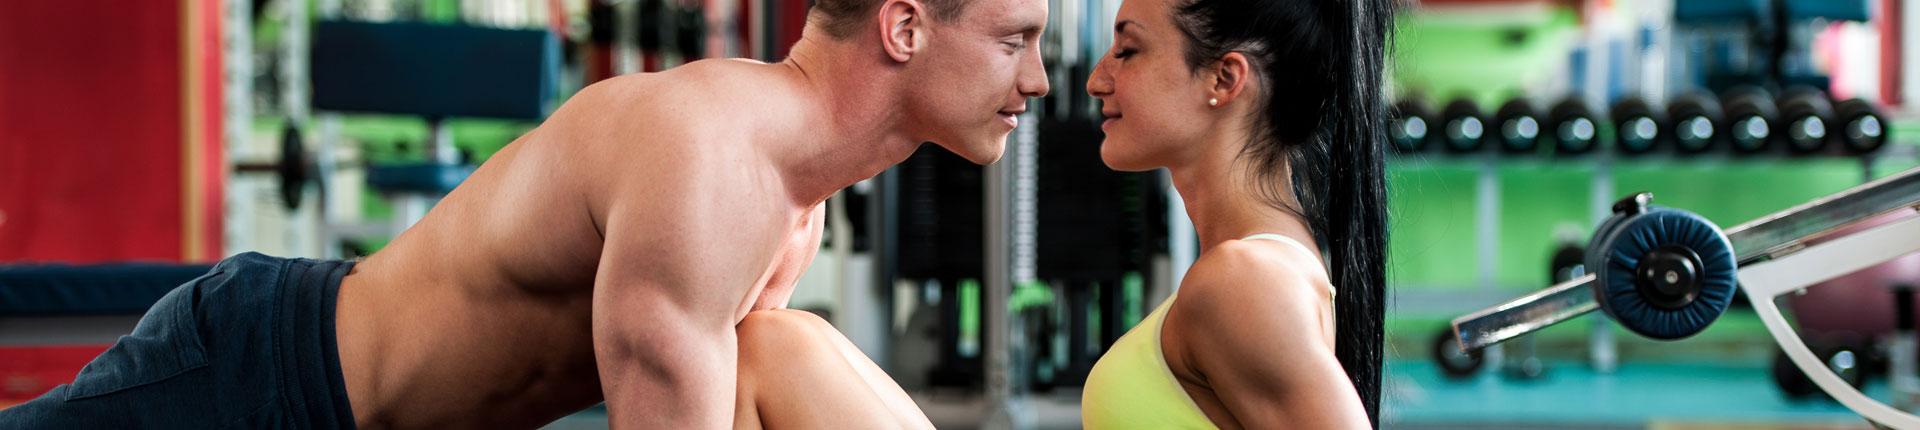 6 powodów aby spotykać się z dziewczyną, która też trenuje!